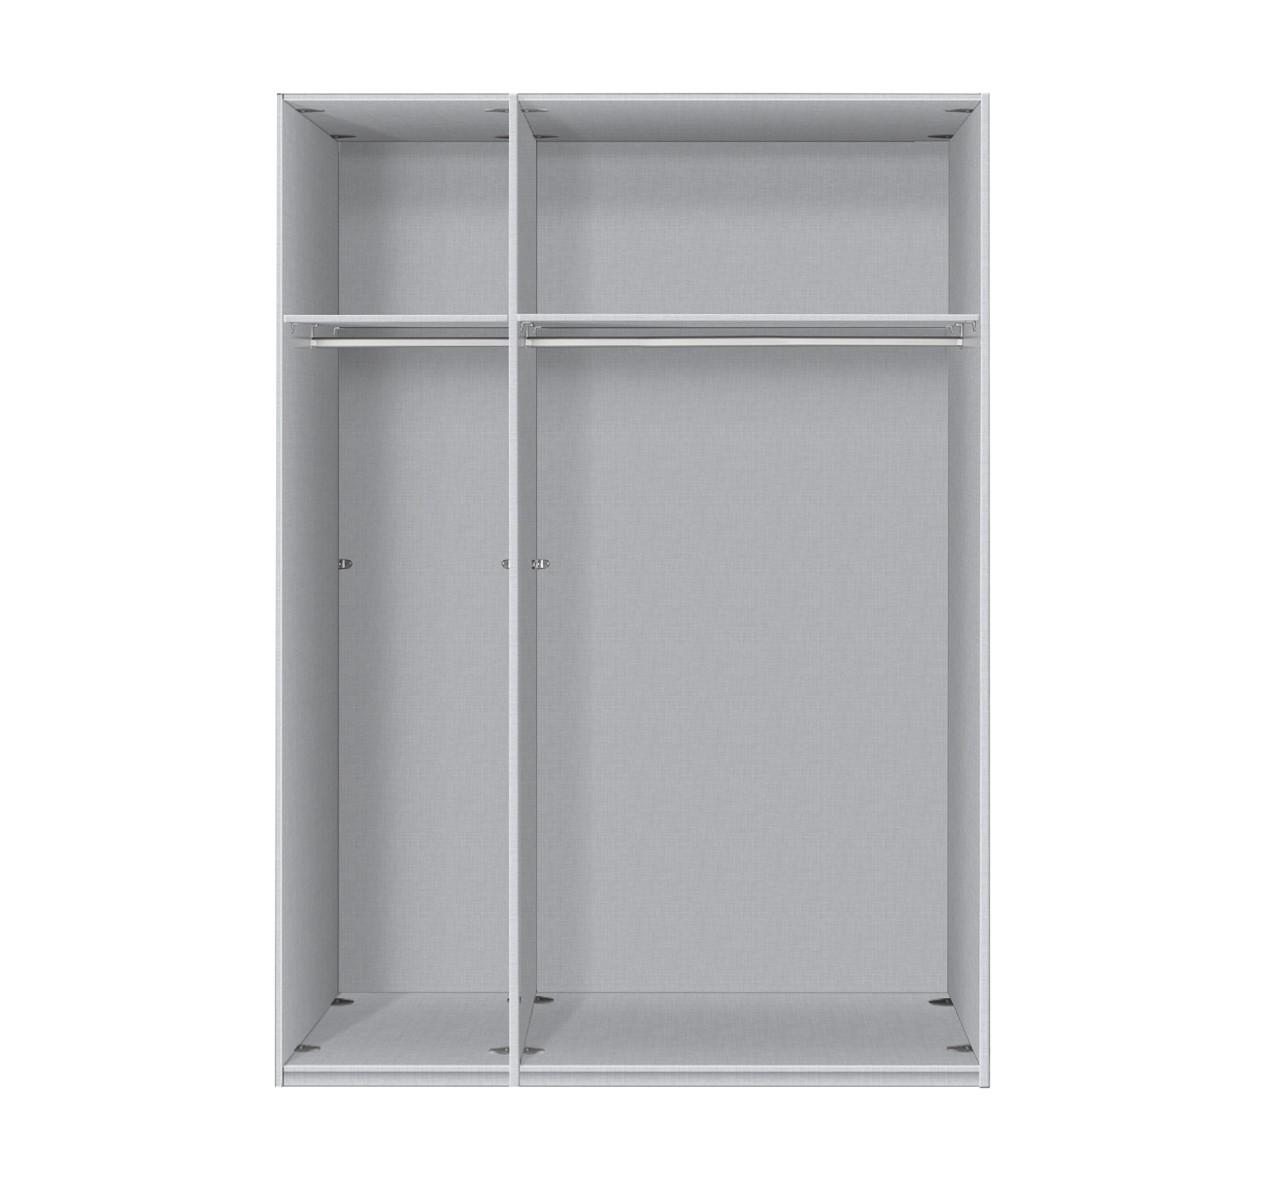 express m bel schwebet renschrank stars 150 cm bis 300 cm h he 216 cm oder h he 236 cm. Black Bedroom Furniture Sets. Home Design Ideas